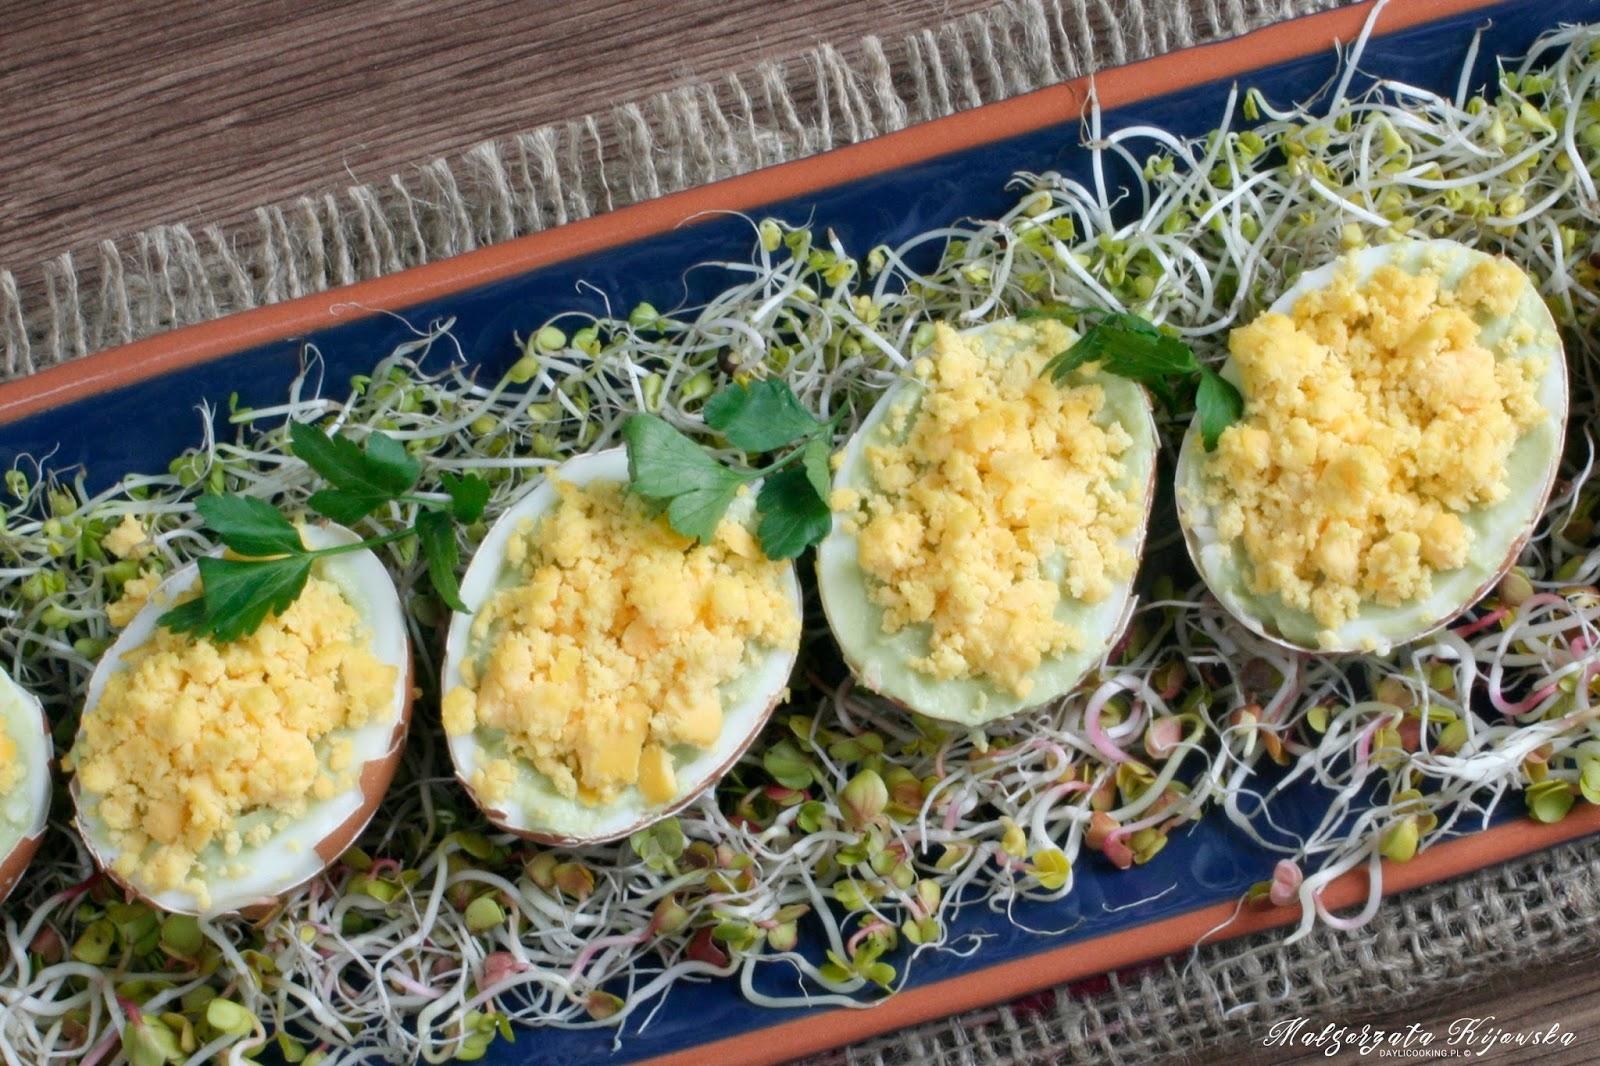 śniadanie wielkanocne, jajka na szybko